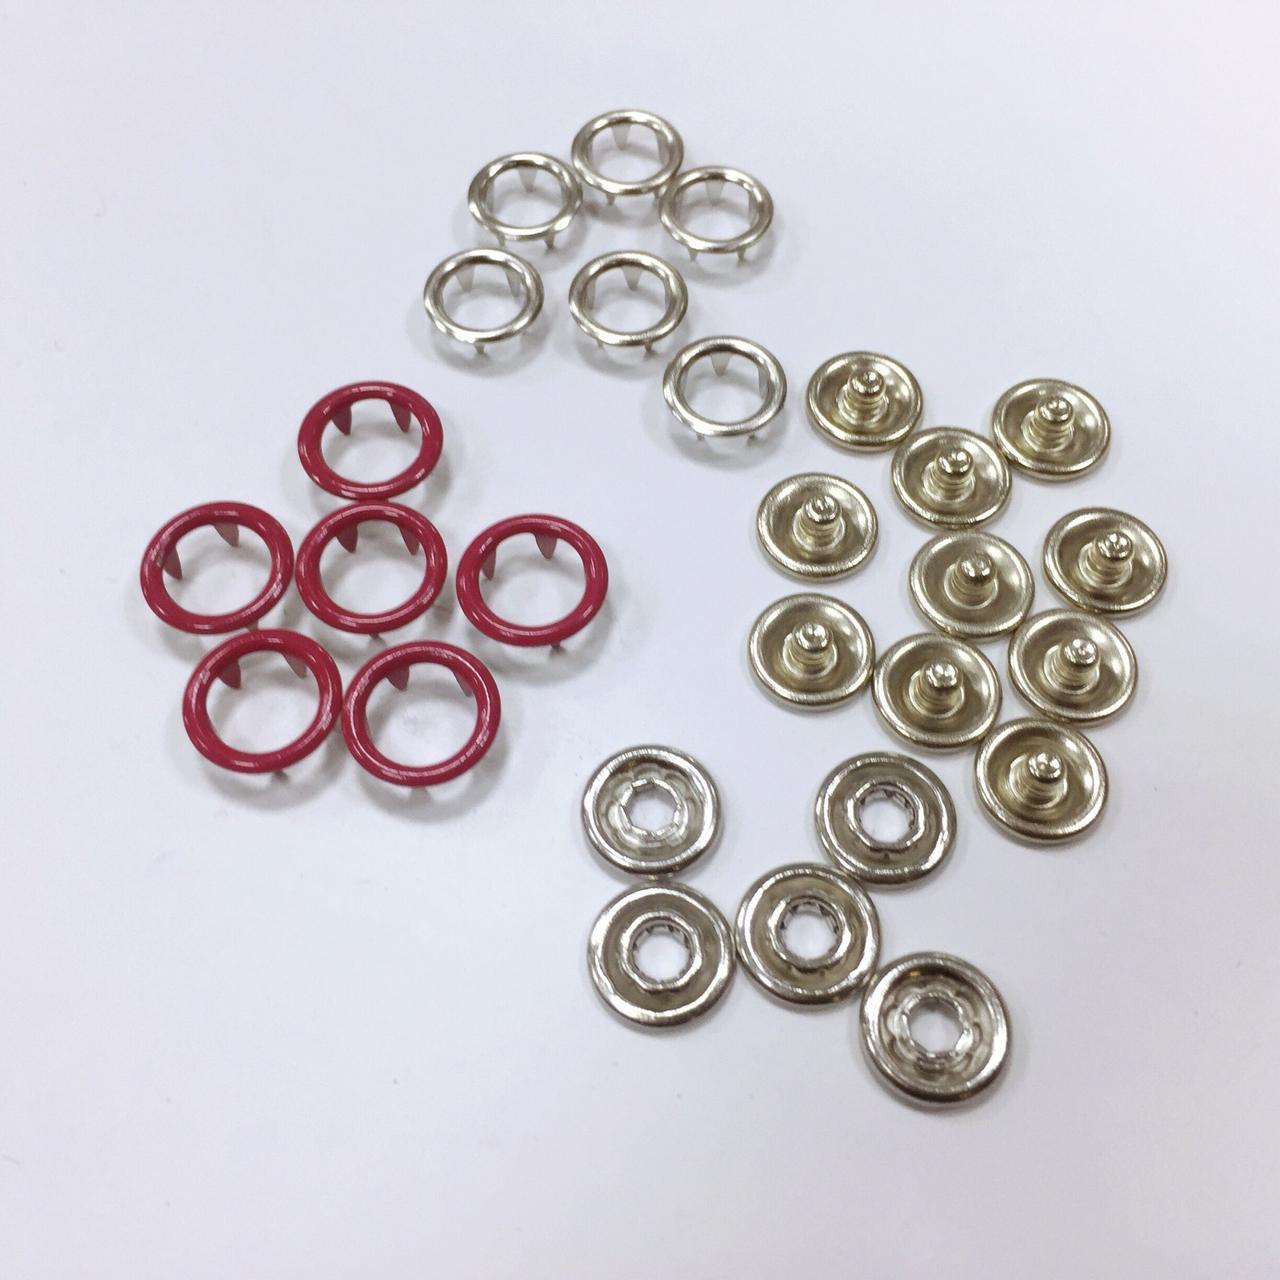 Кнопка рубашечная нерж 10,5мм кольцо цв малиновый (уп 144шт)